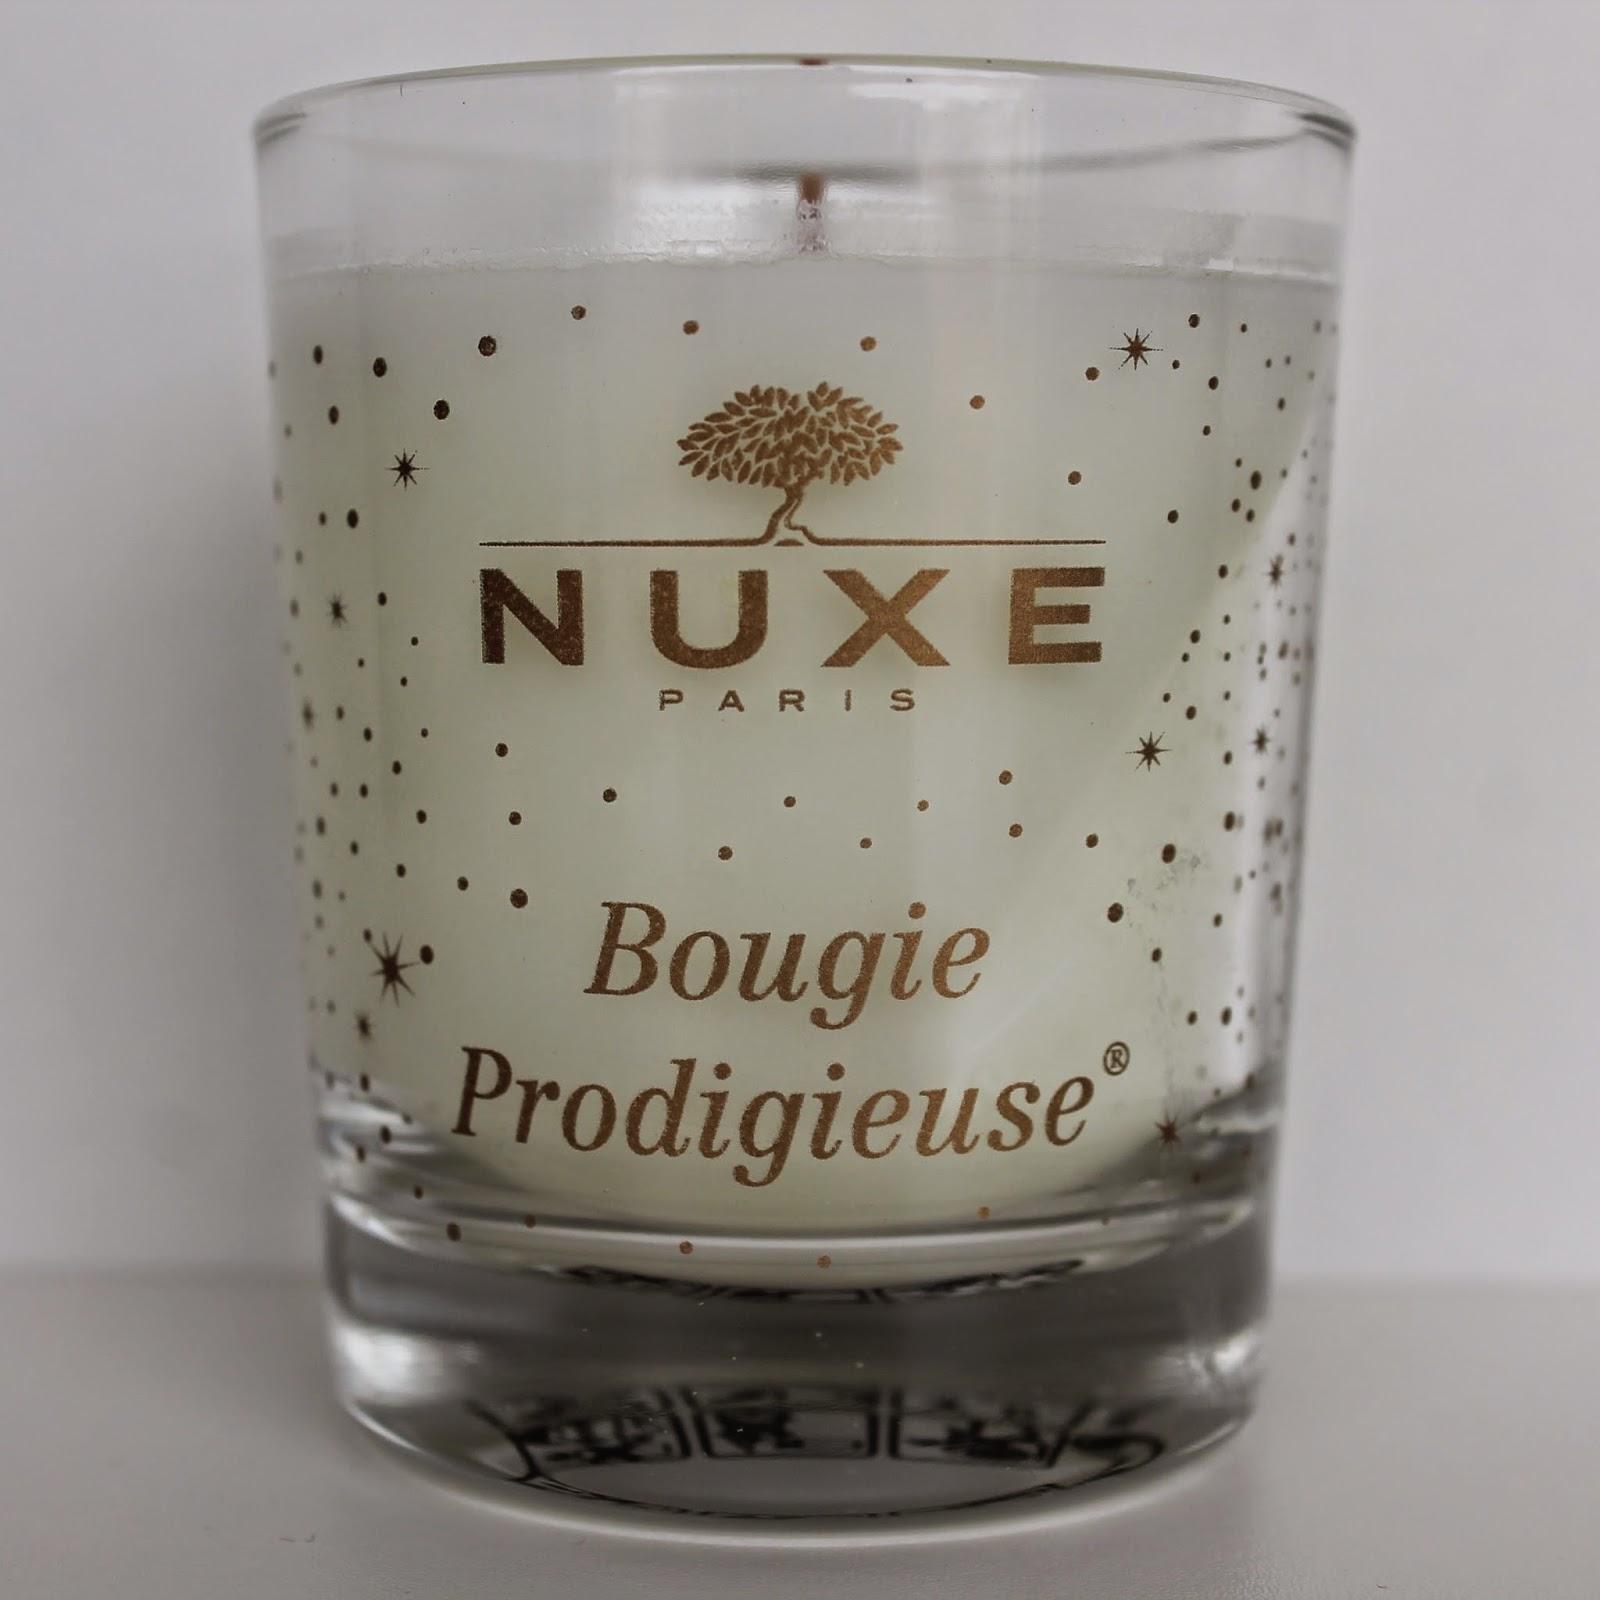 Bougie Prodigieuse Nuxe